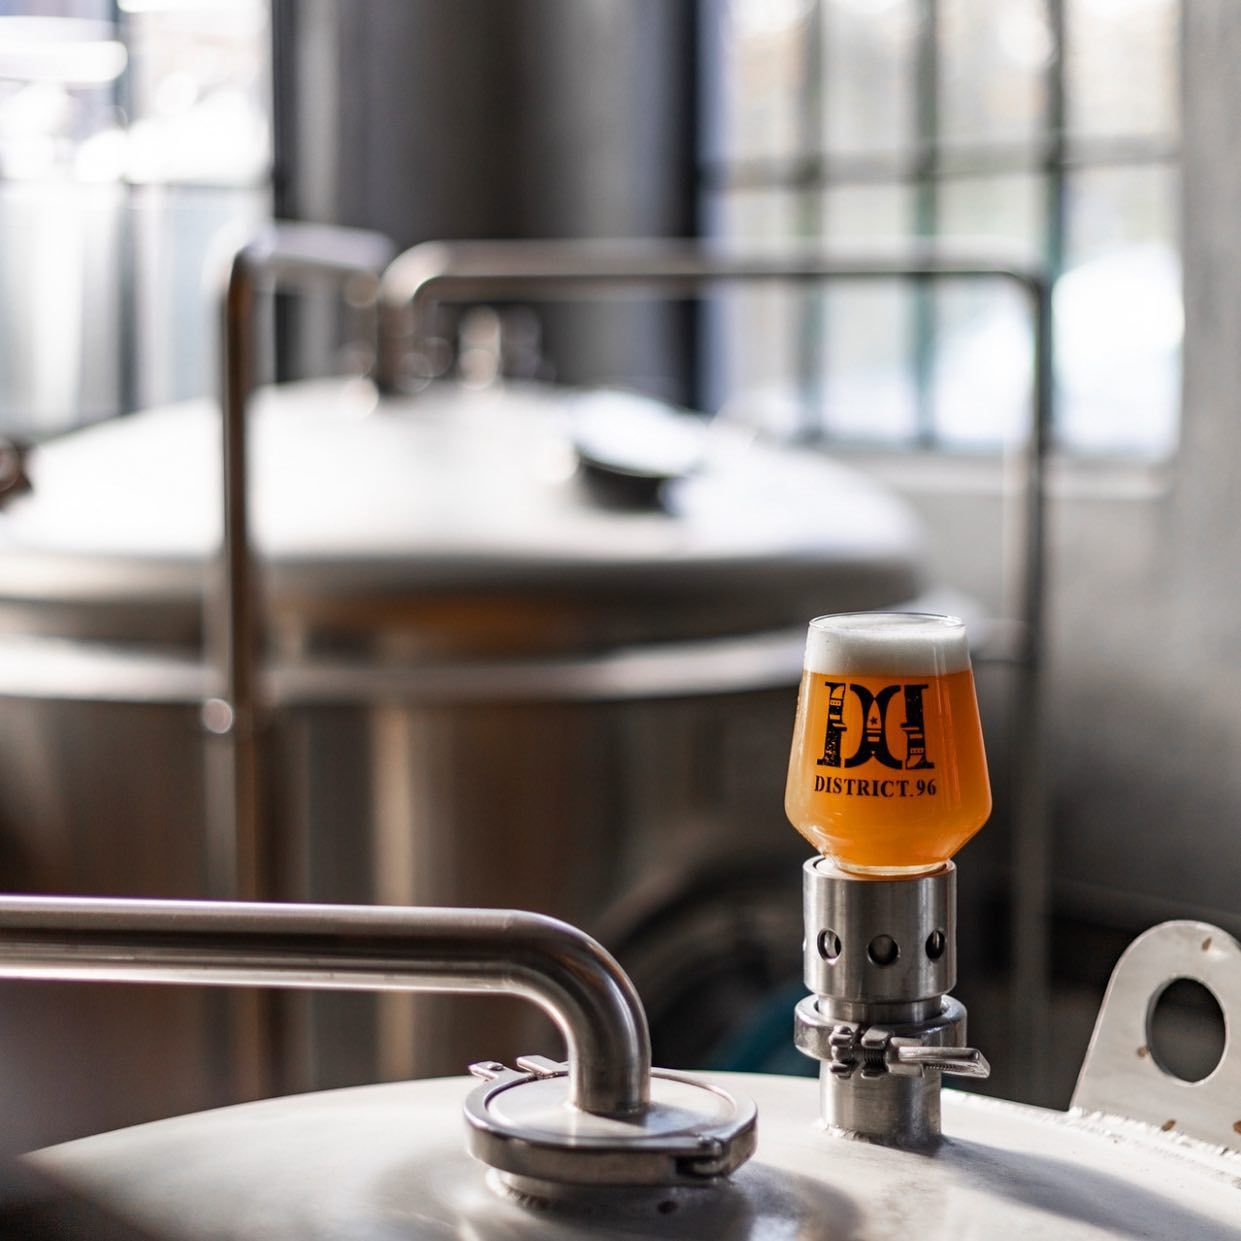 District 96 Beer Factory